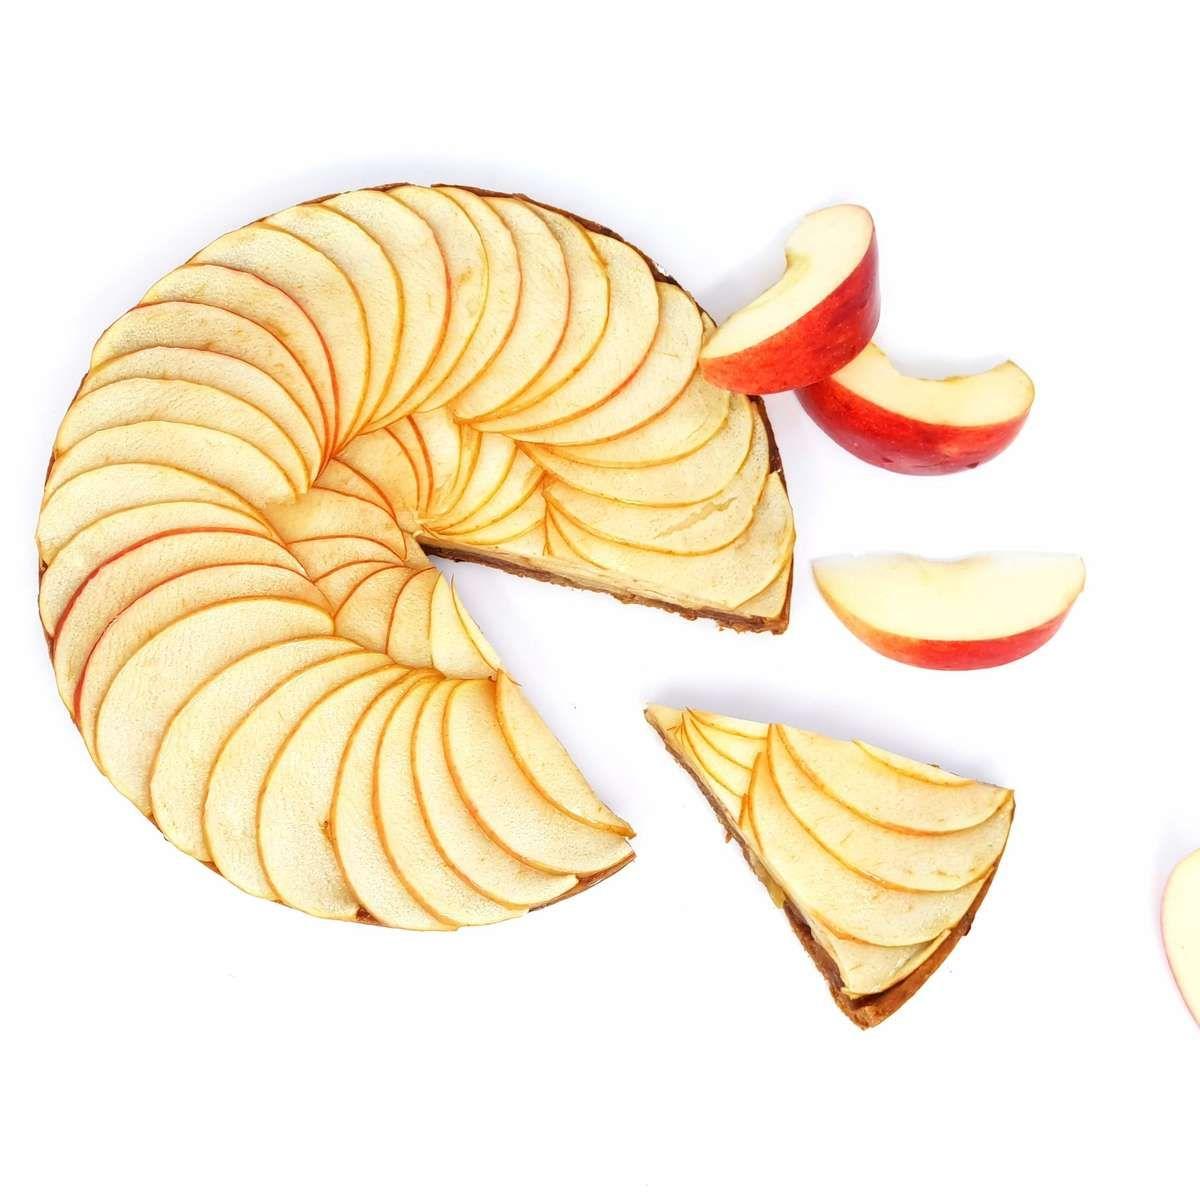 Recette de la tarte aux pommes.